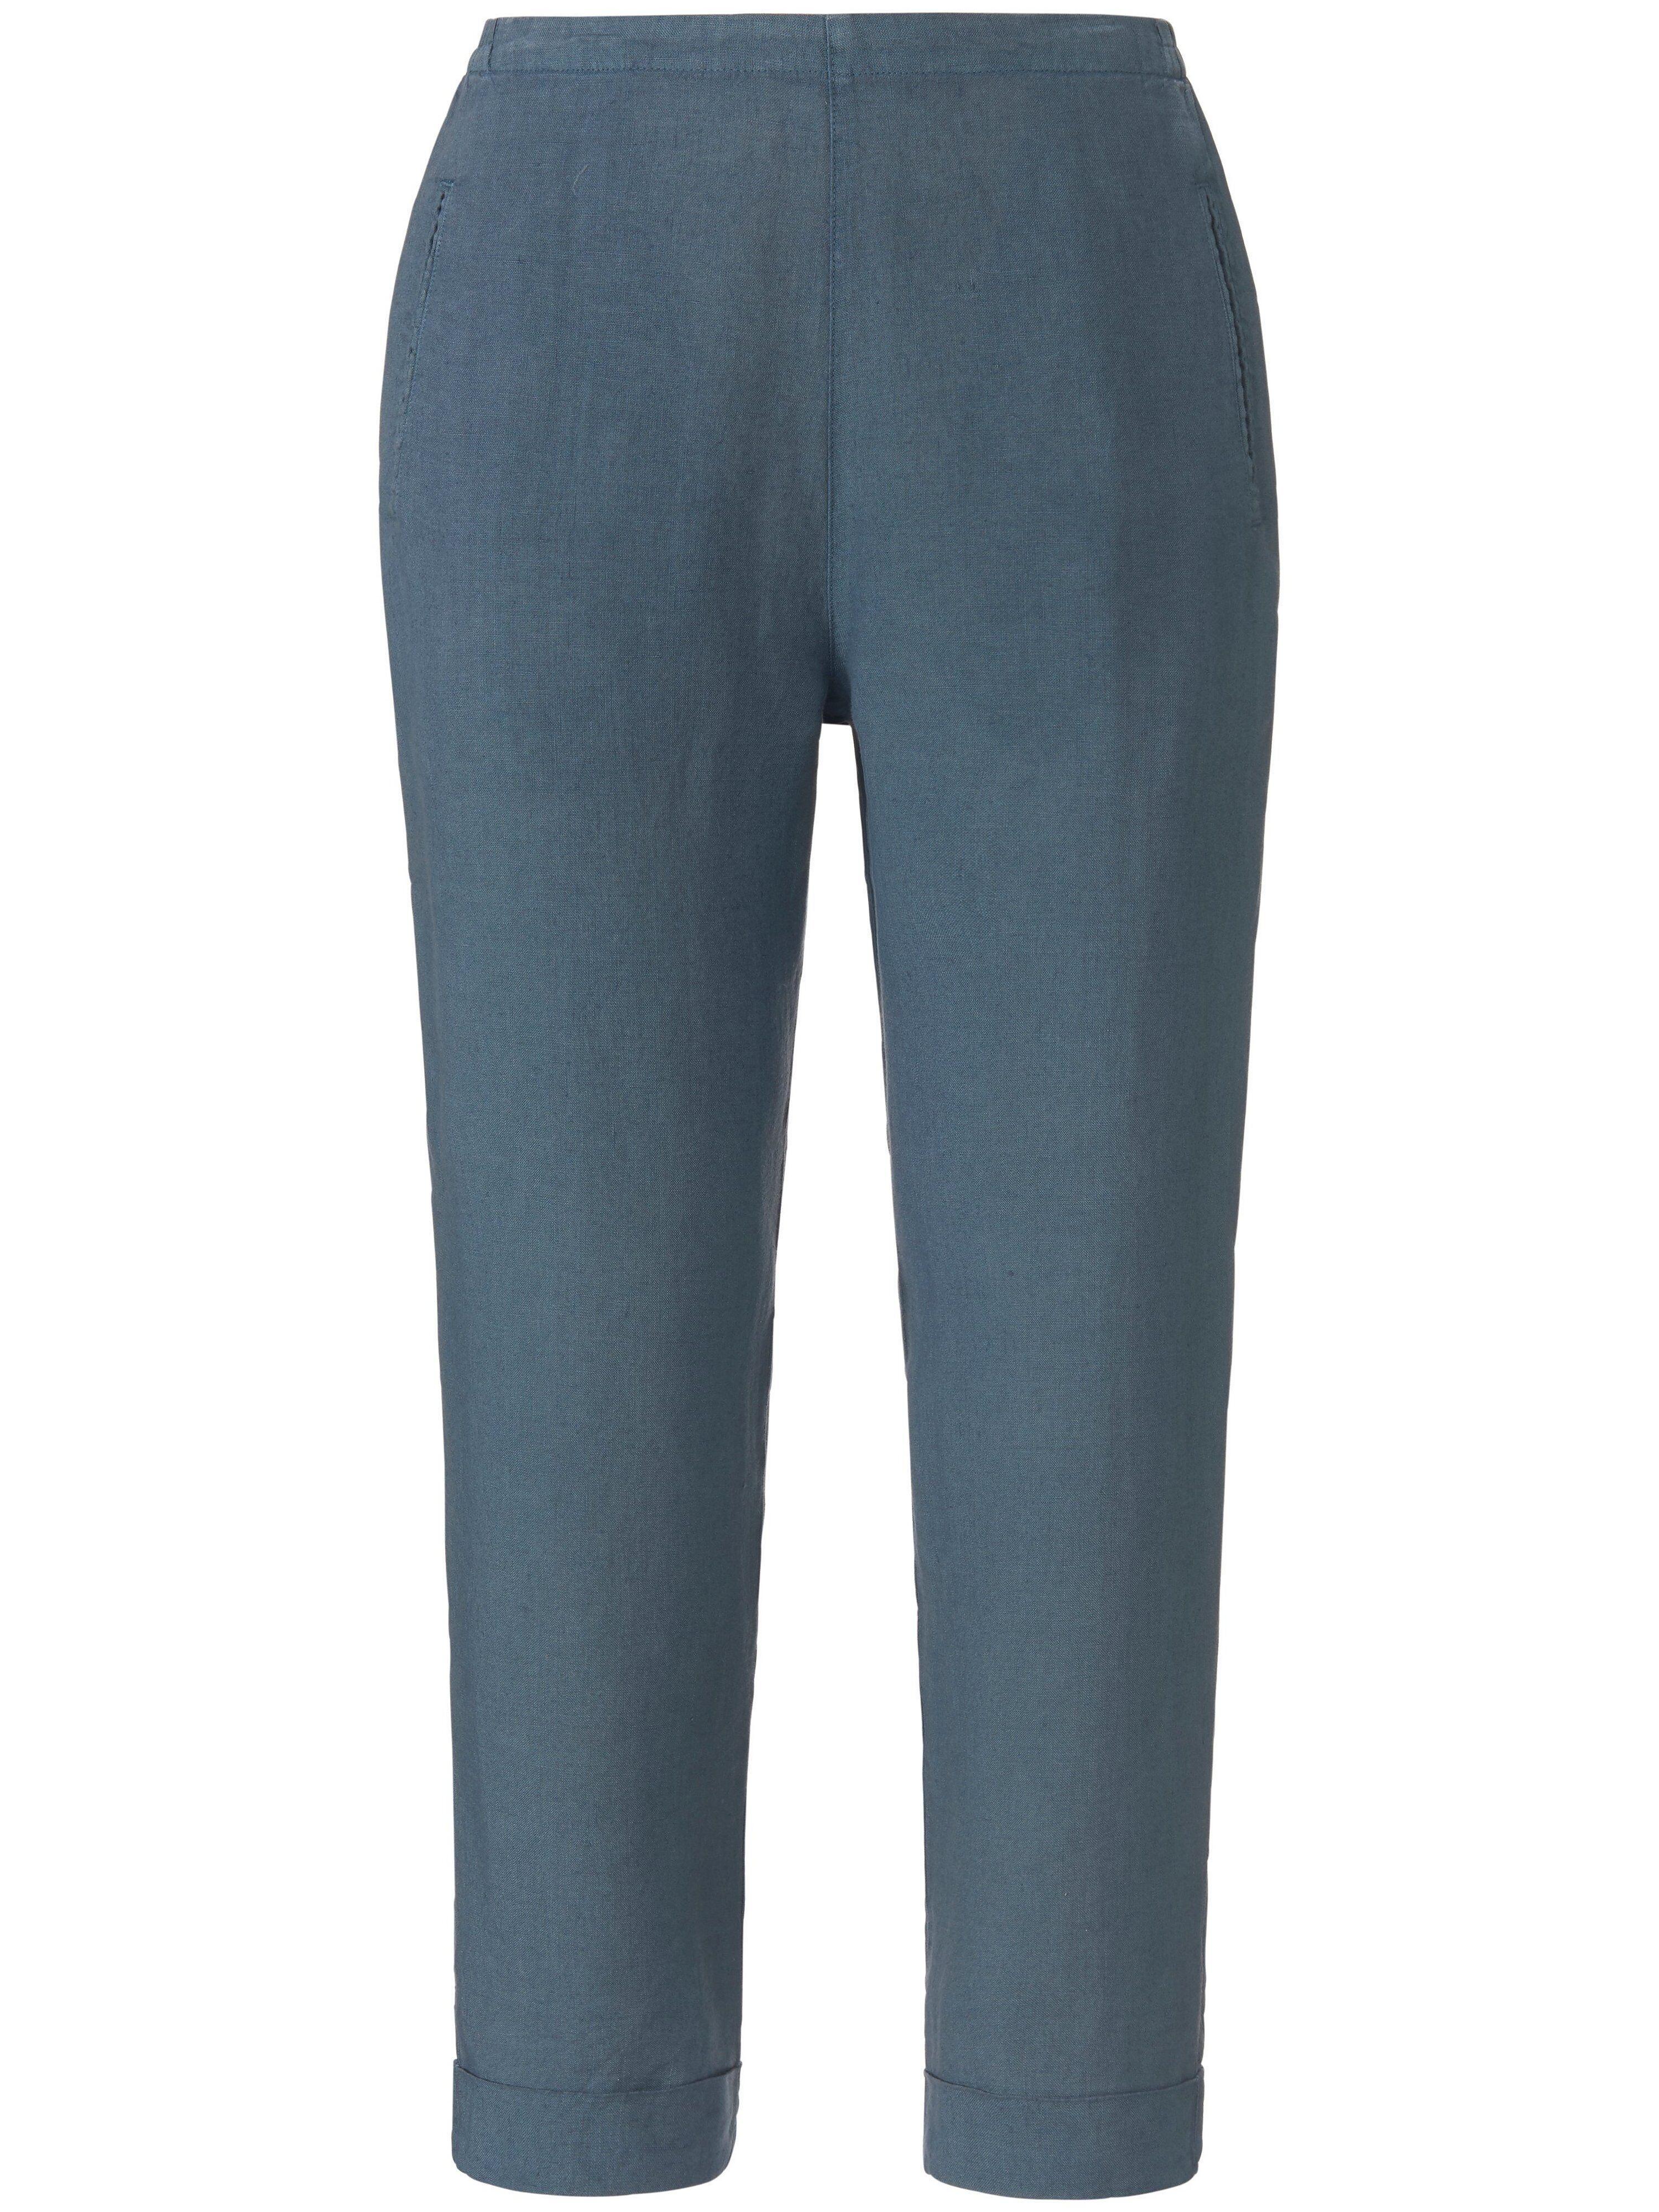 elemente clemente Le pantalon 7/8 en 100% lin  elemente clemente gris  - Femme - 38